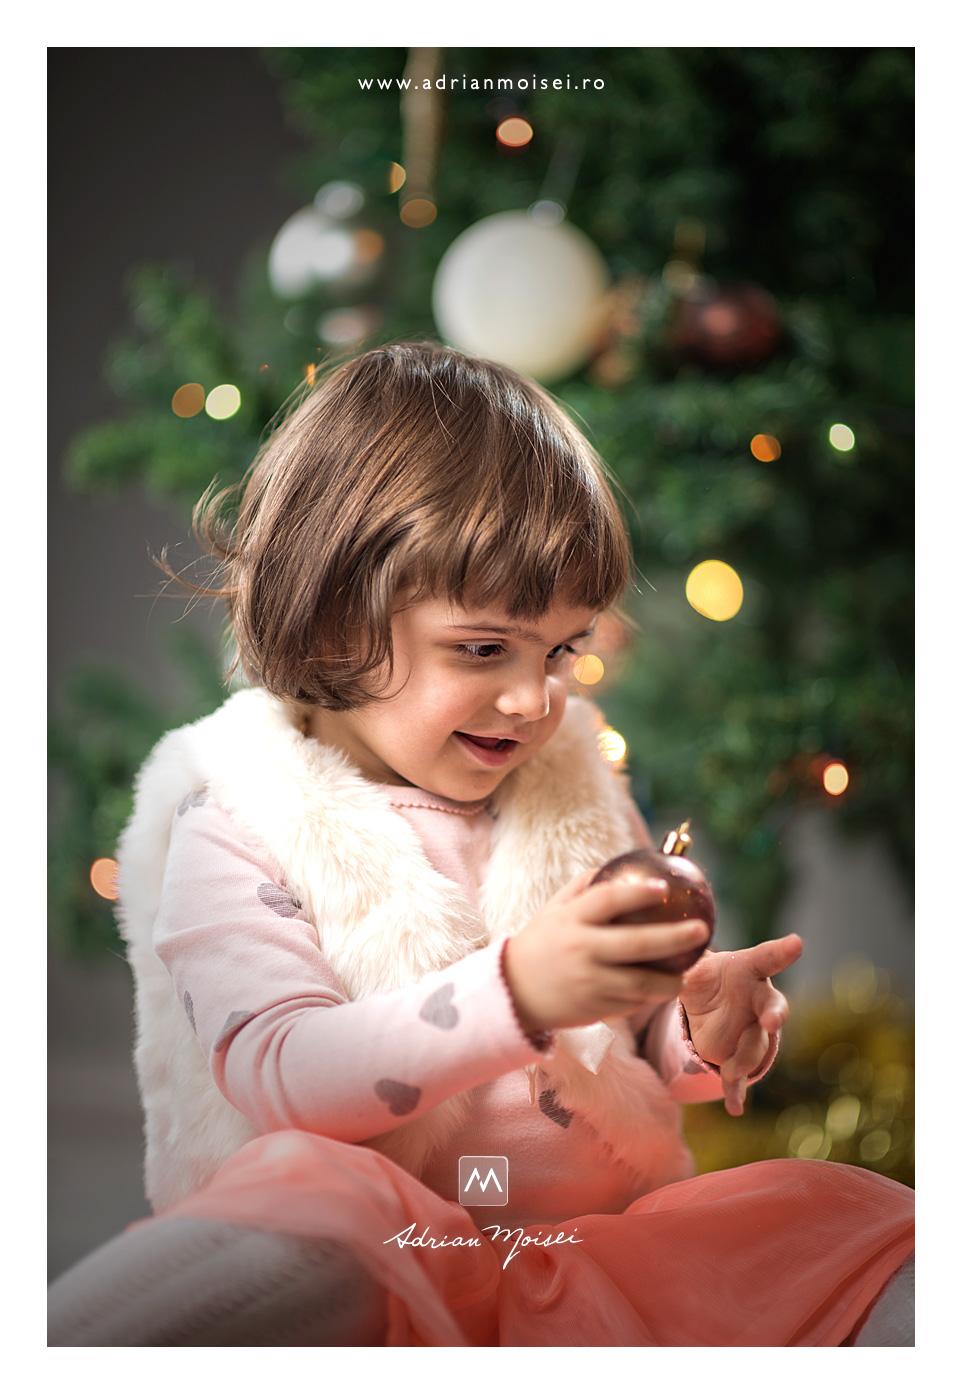 Fetita vesela jucandu-se cu globurile - Minisesiune foto de Crăciun, fotografie de familie, Adrian Moisei fotograf Iași, fotograf de familie Iași